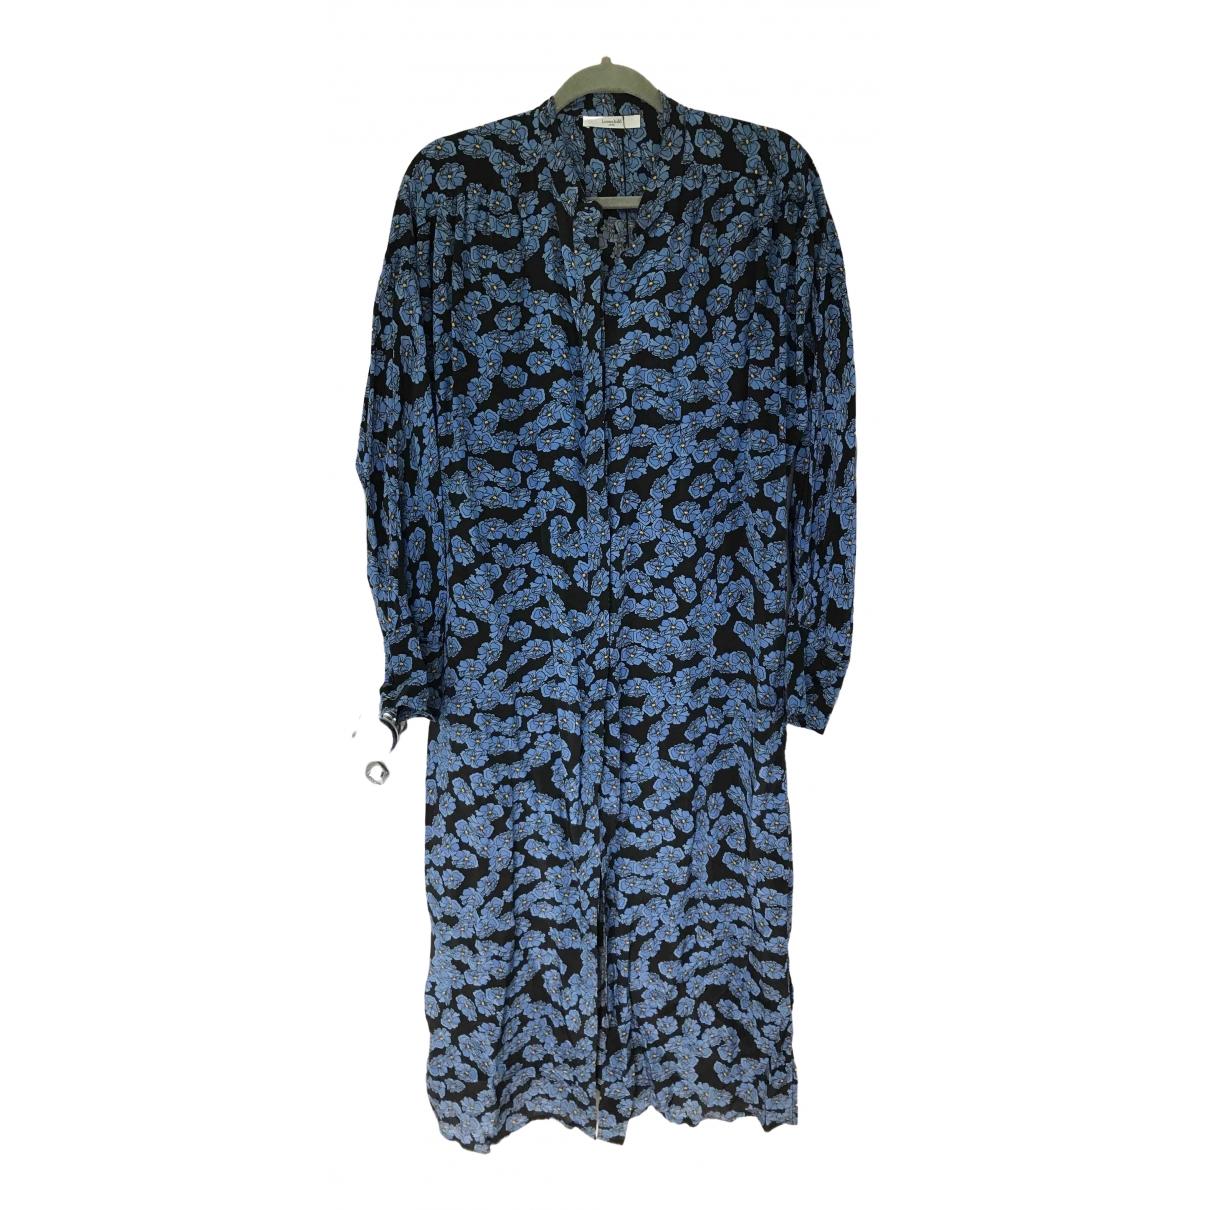 Lovechild 1979 \N Blue dress for Women 10 UK